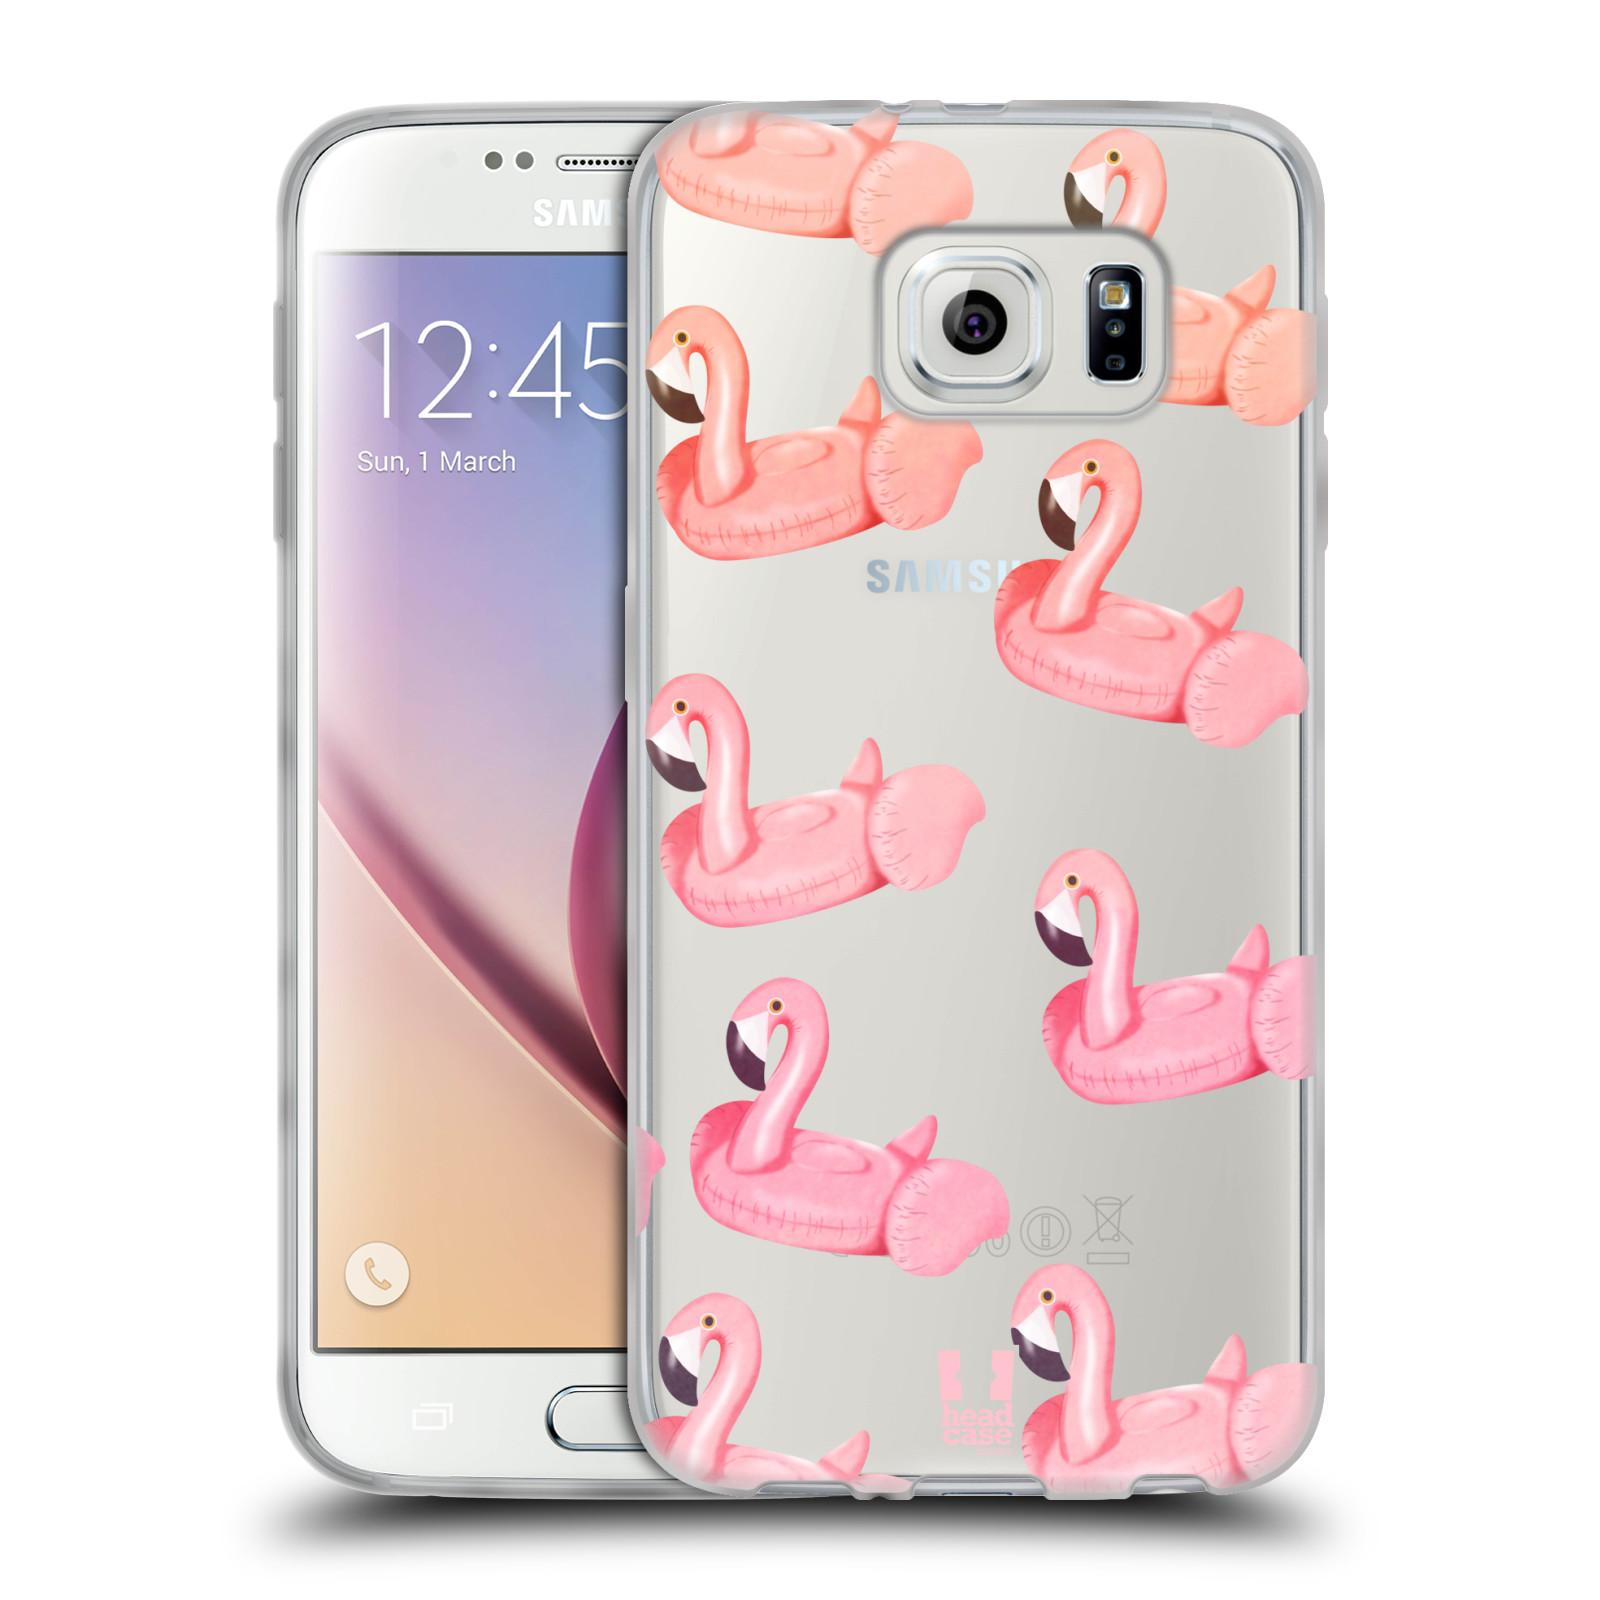 Silikonové pouzdro na mobil Samsung Galaxy S6 - Head Case - Kruh plaměňák